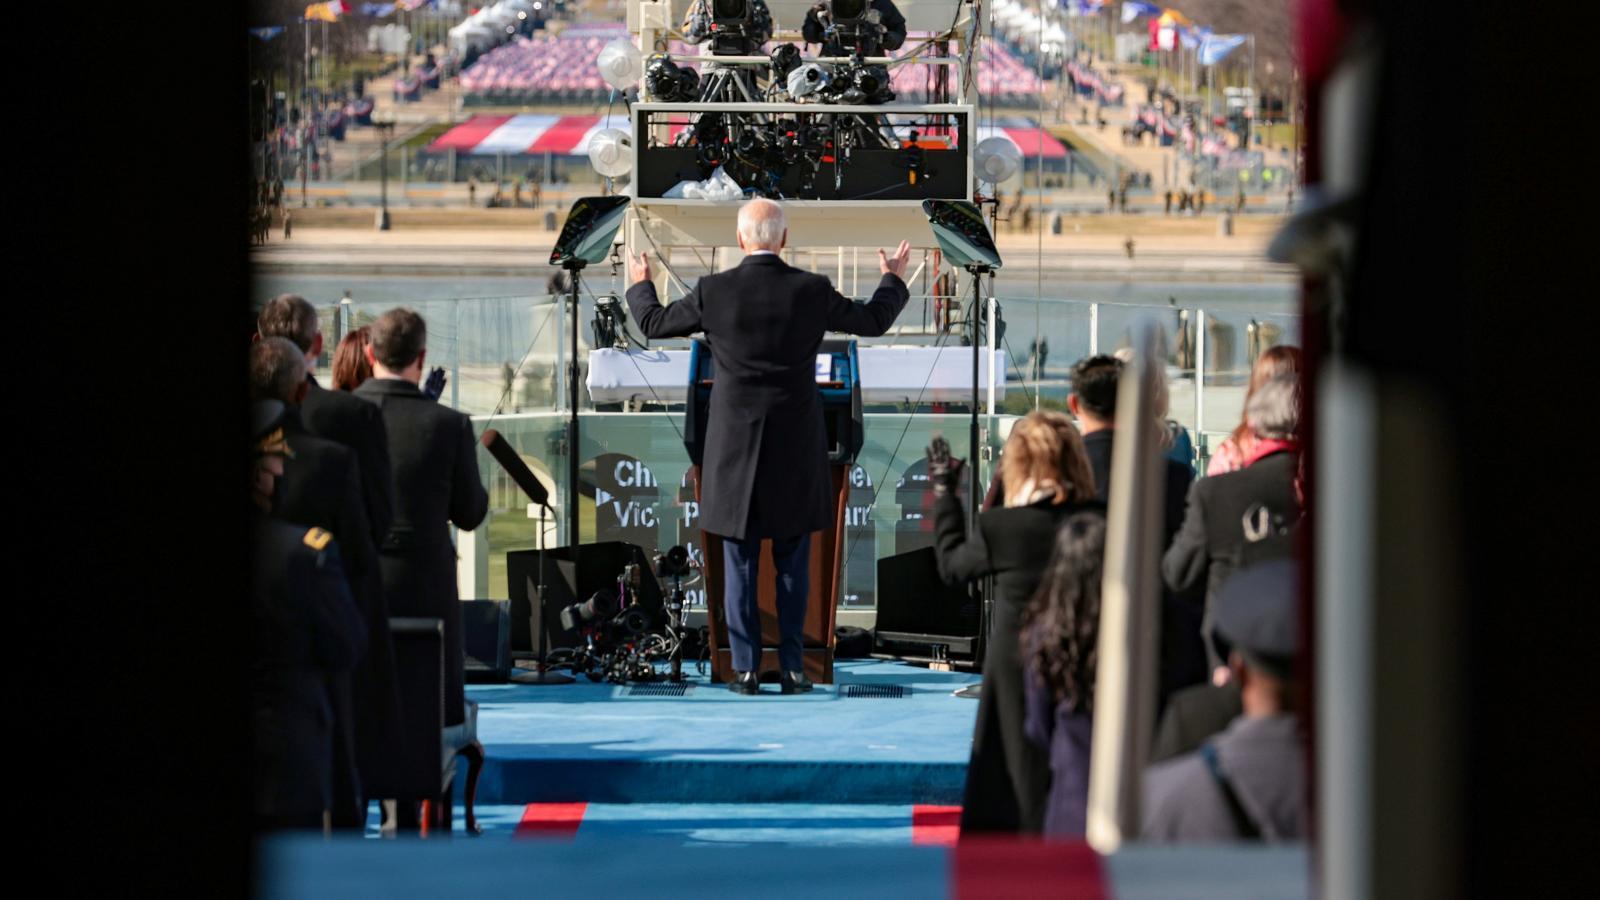 El president dels Estats Units Joe Biden dóna el seu discurs d'investidura Capitoli dels Estats Units a Washington